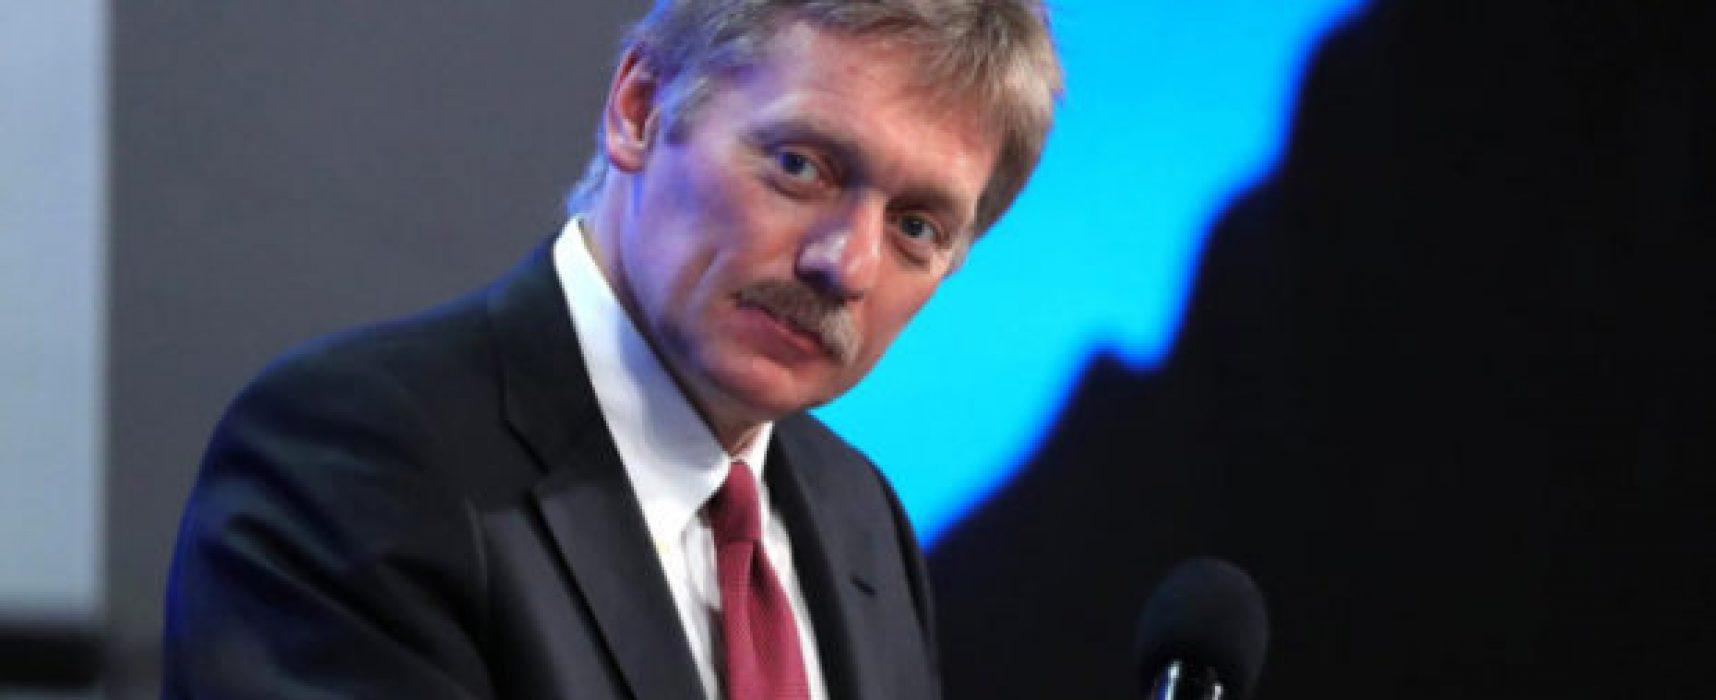 Фейк от Дмитрий Песков: разполагането на миротворци на границата противоречи на Минските споразумения. Но там изобщо не се споменава за тях